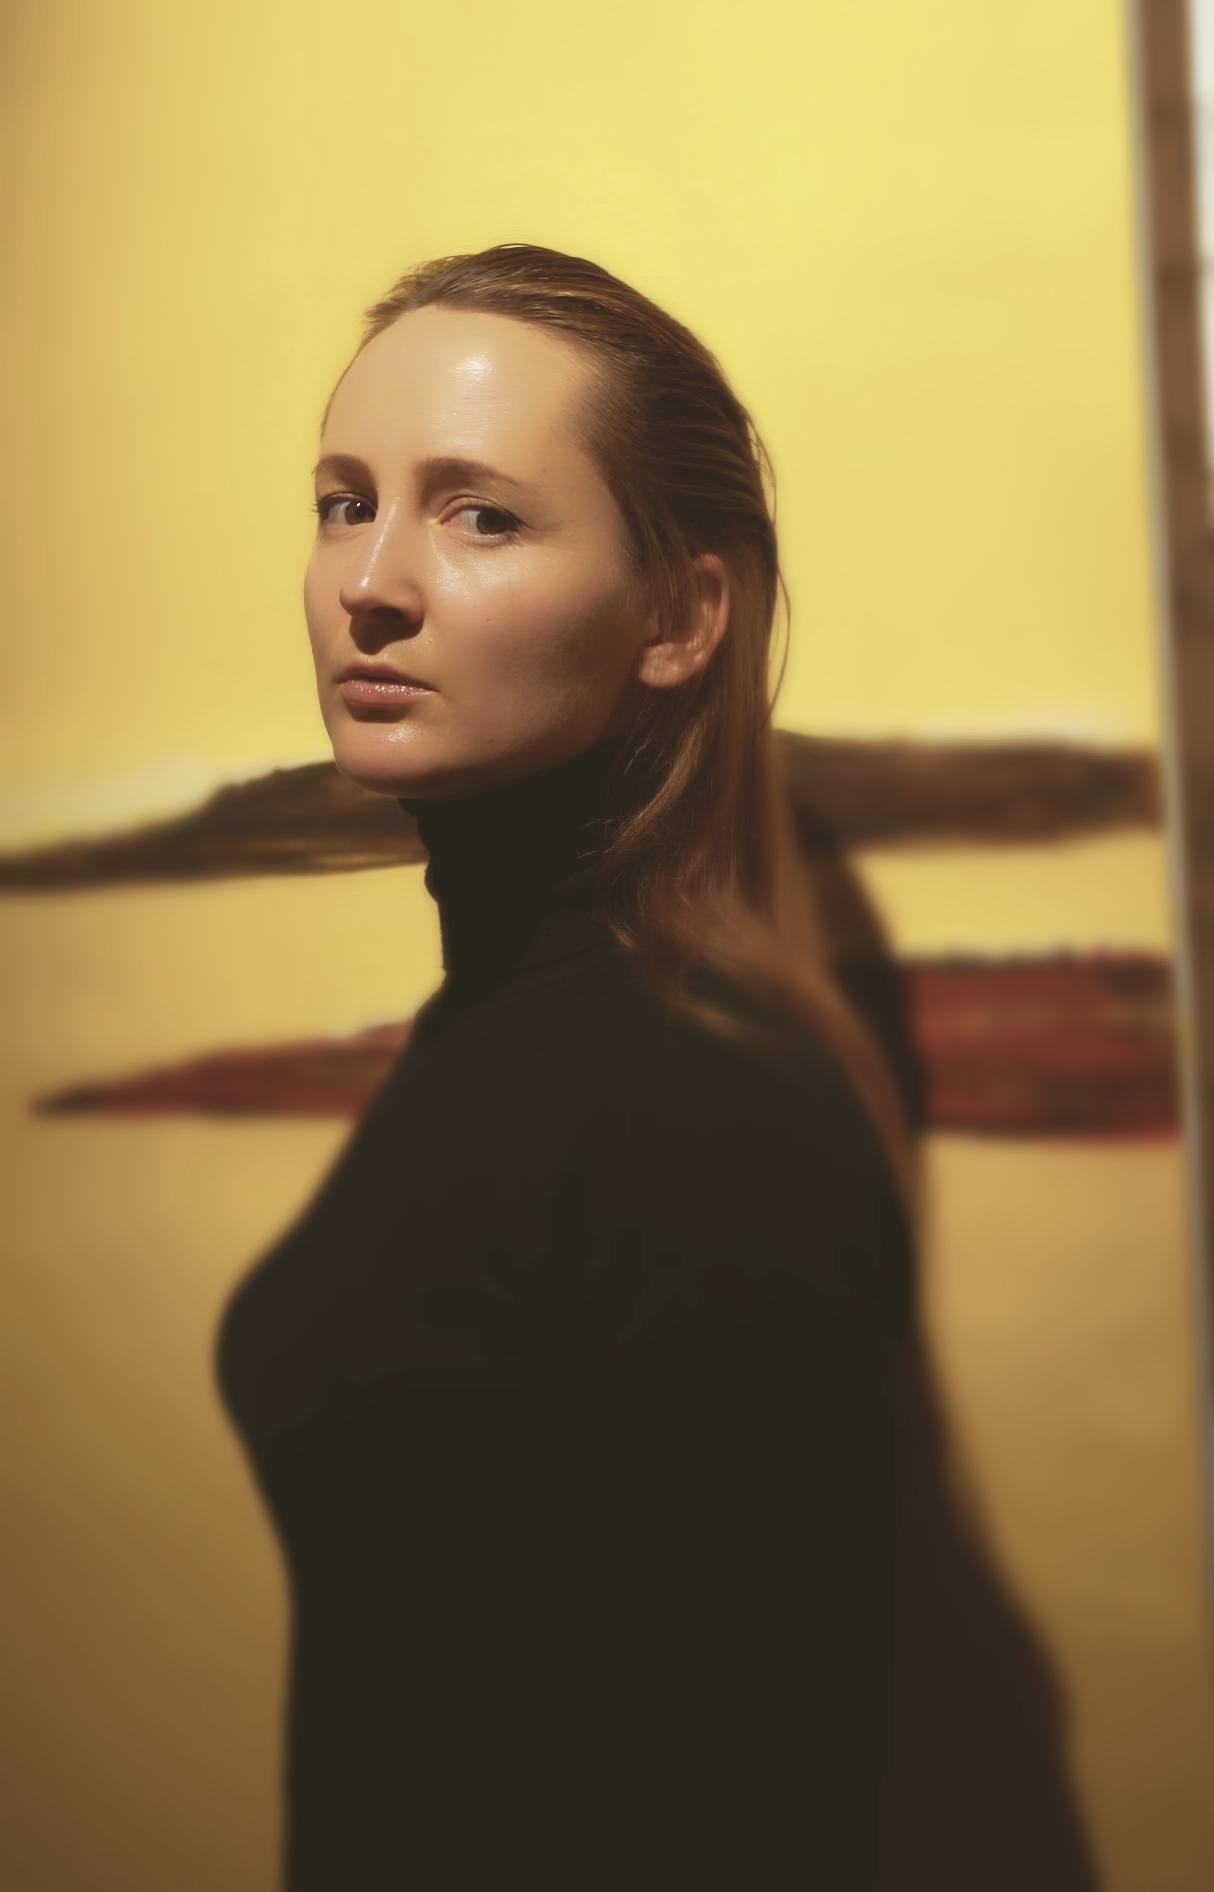 """Не пропустите: выставка Леры Литвиновой """"Путь домой"""" впервые откроется в Кривом роге - фото №3"""